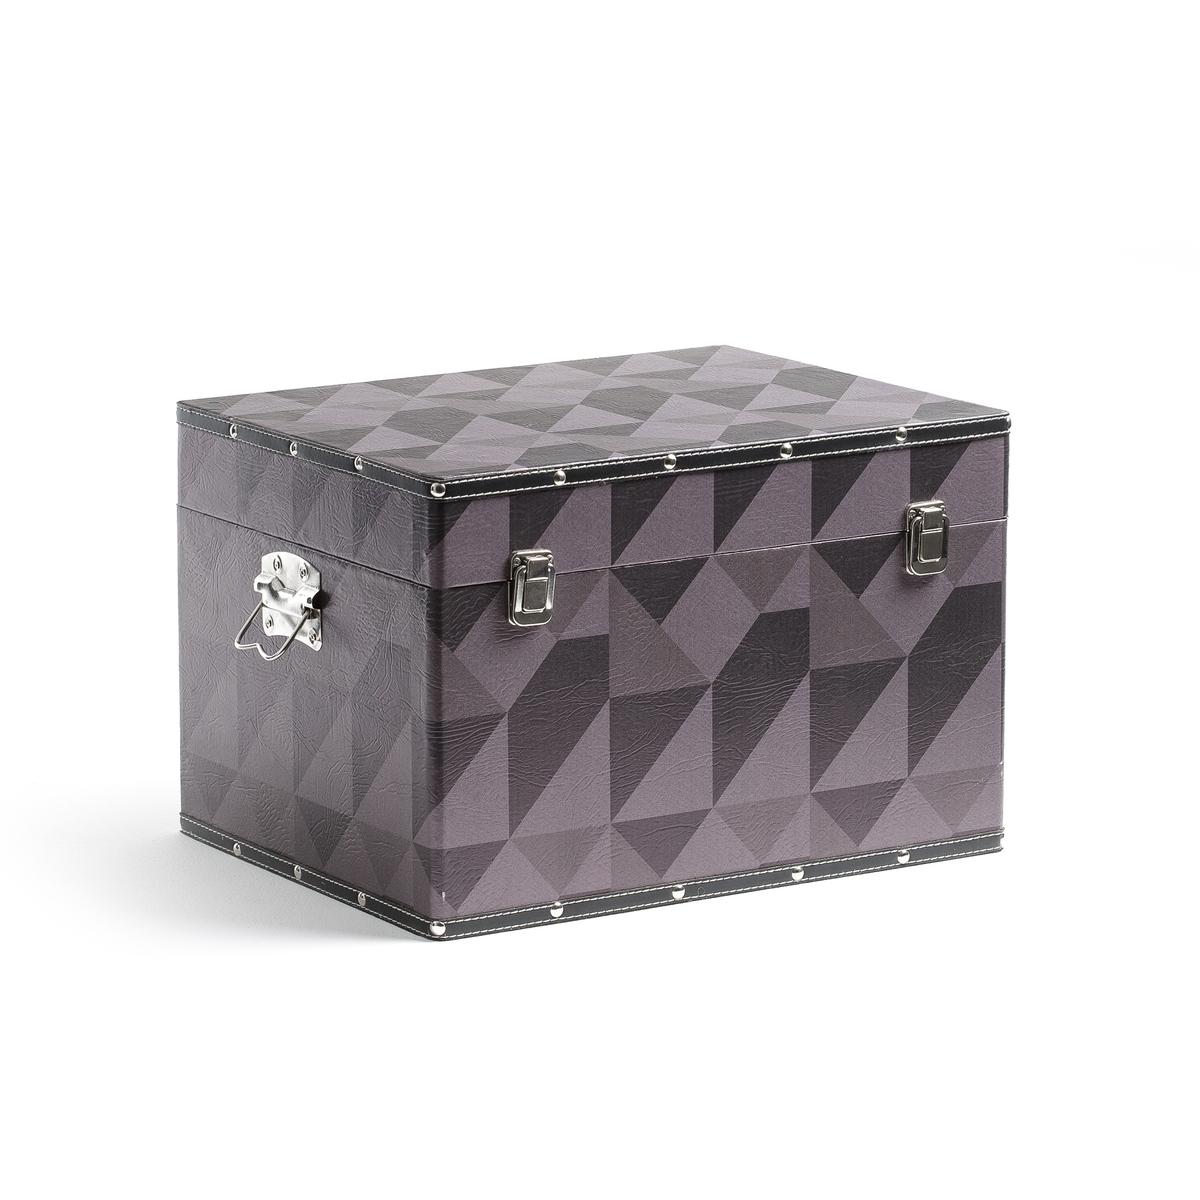 Чемодан Loza чемодан samsonite чемодан 55 см lite biz